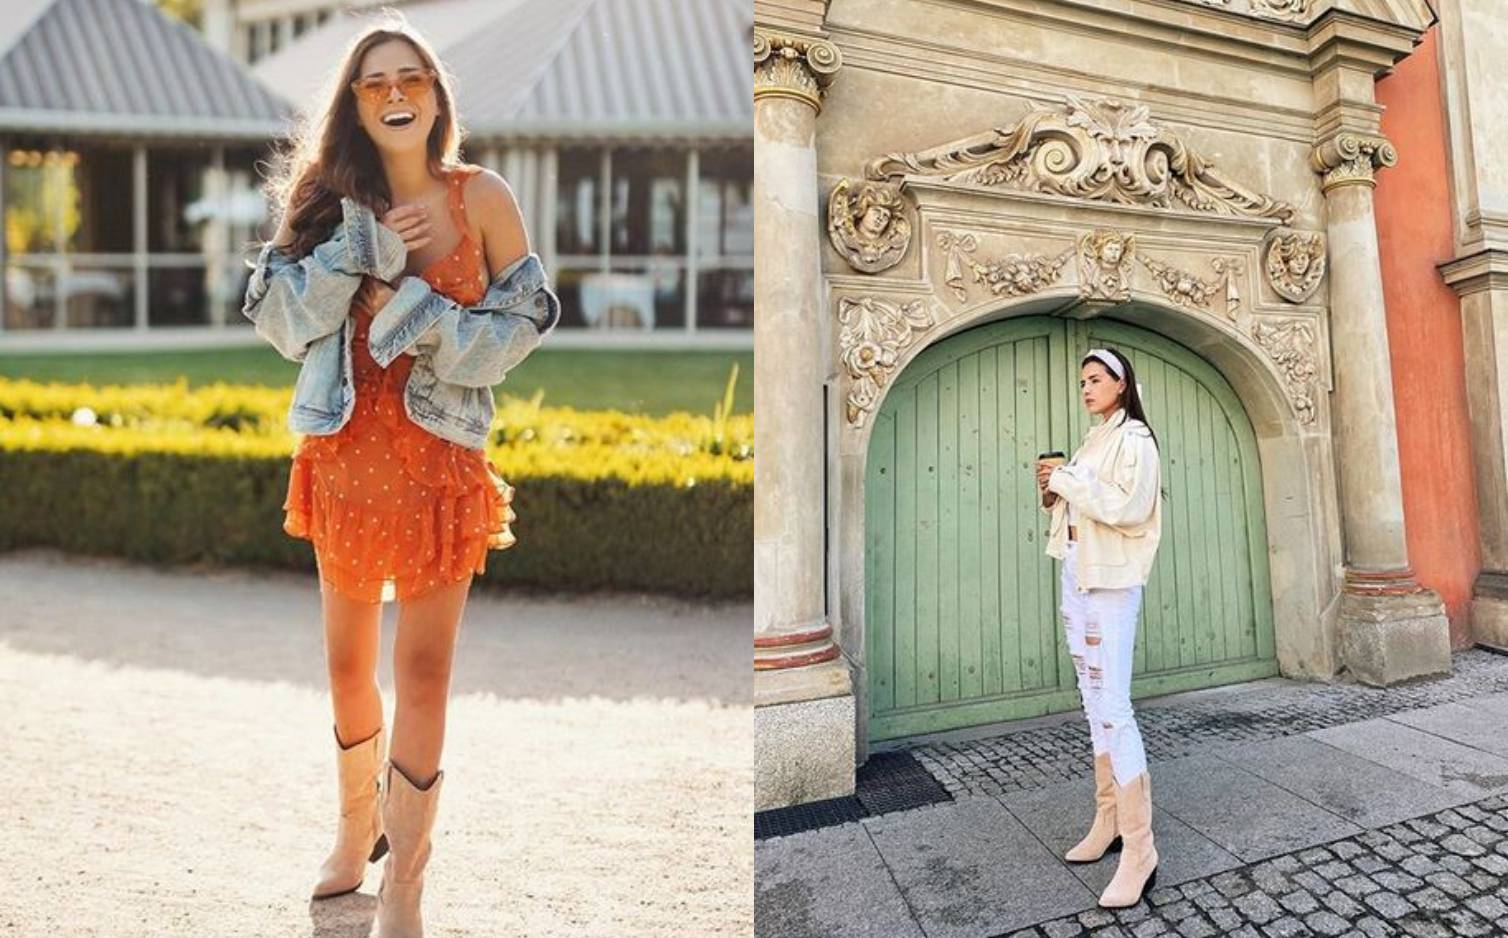 Poljakinja Ola Nowak zna nositi kaubojke na 4 cool kombinacije